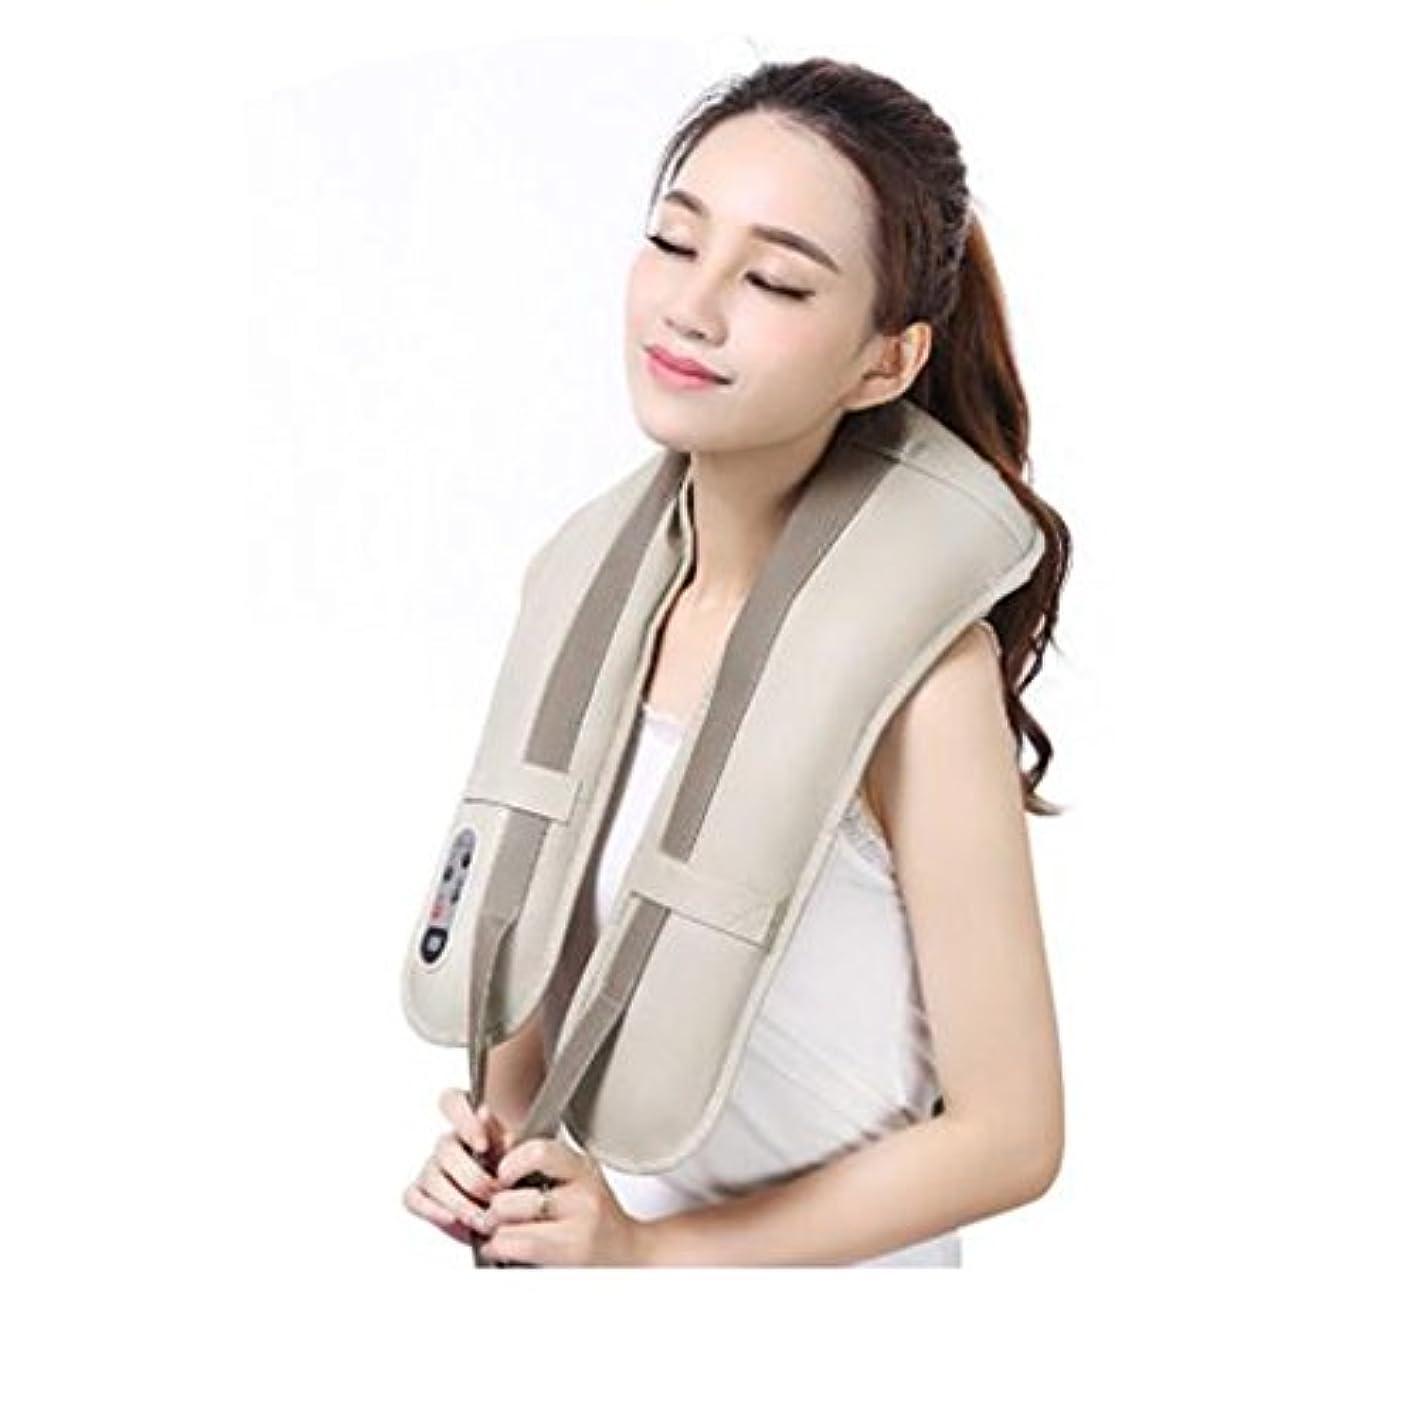 ホットネックマッサージャーポータブル電気パーカッション頸部マッサージショールの痛みの首と肩の多機能タップマッサージャー (色 : A)